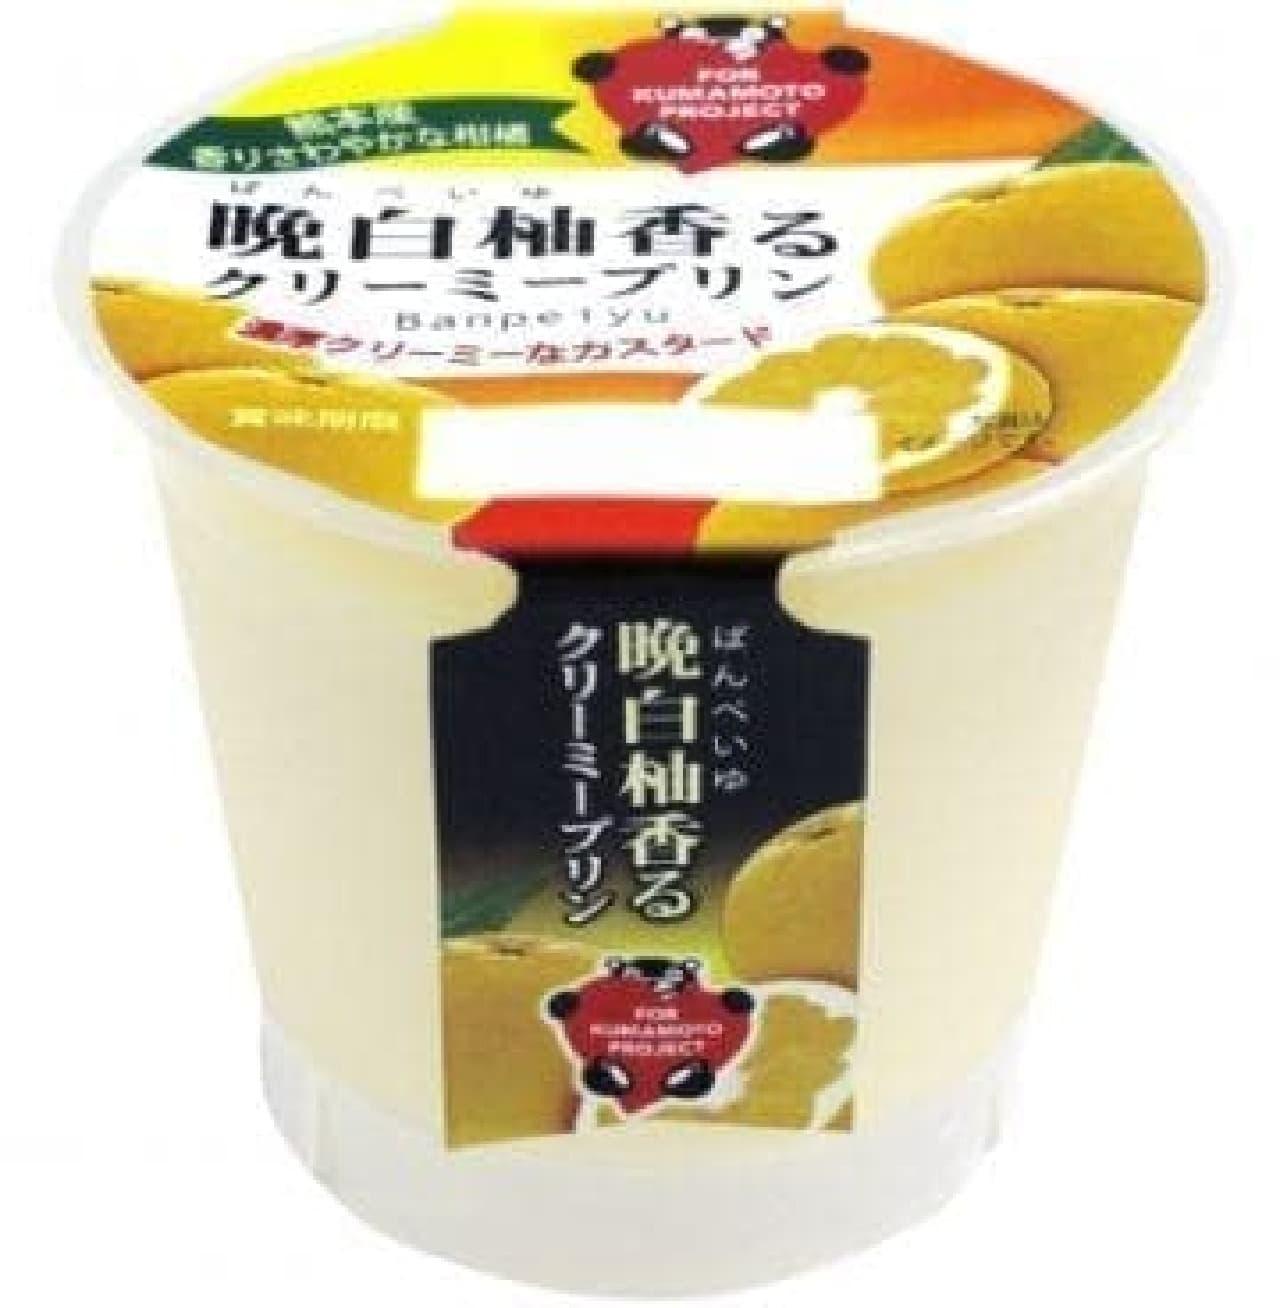 イオングループ「晩白柚香るクリーミープリン」